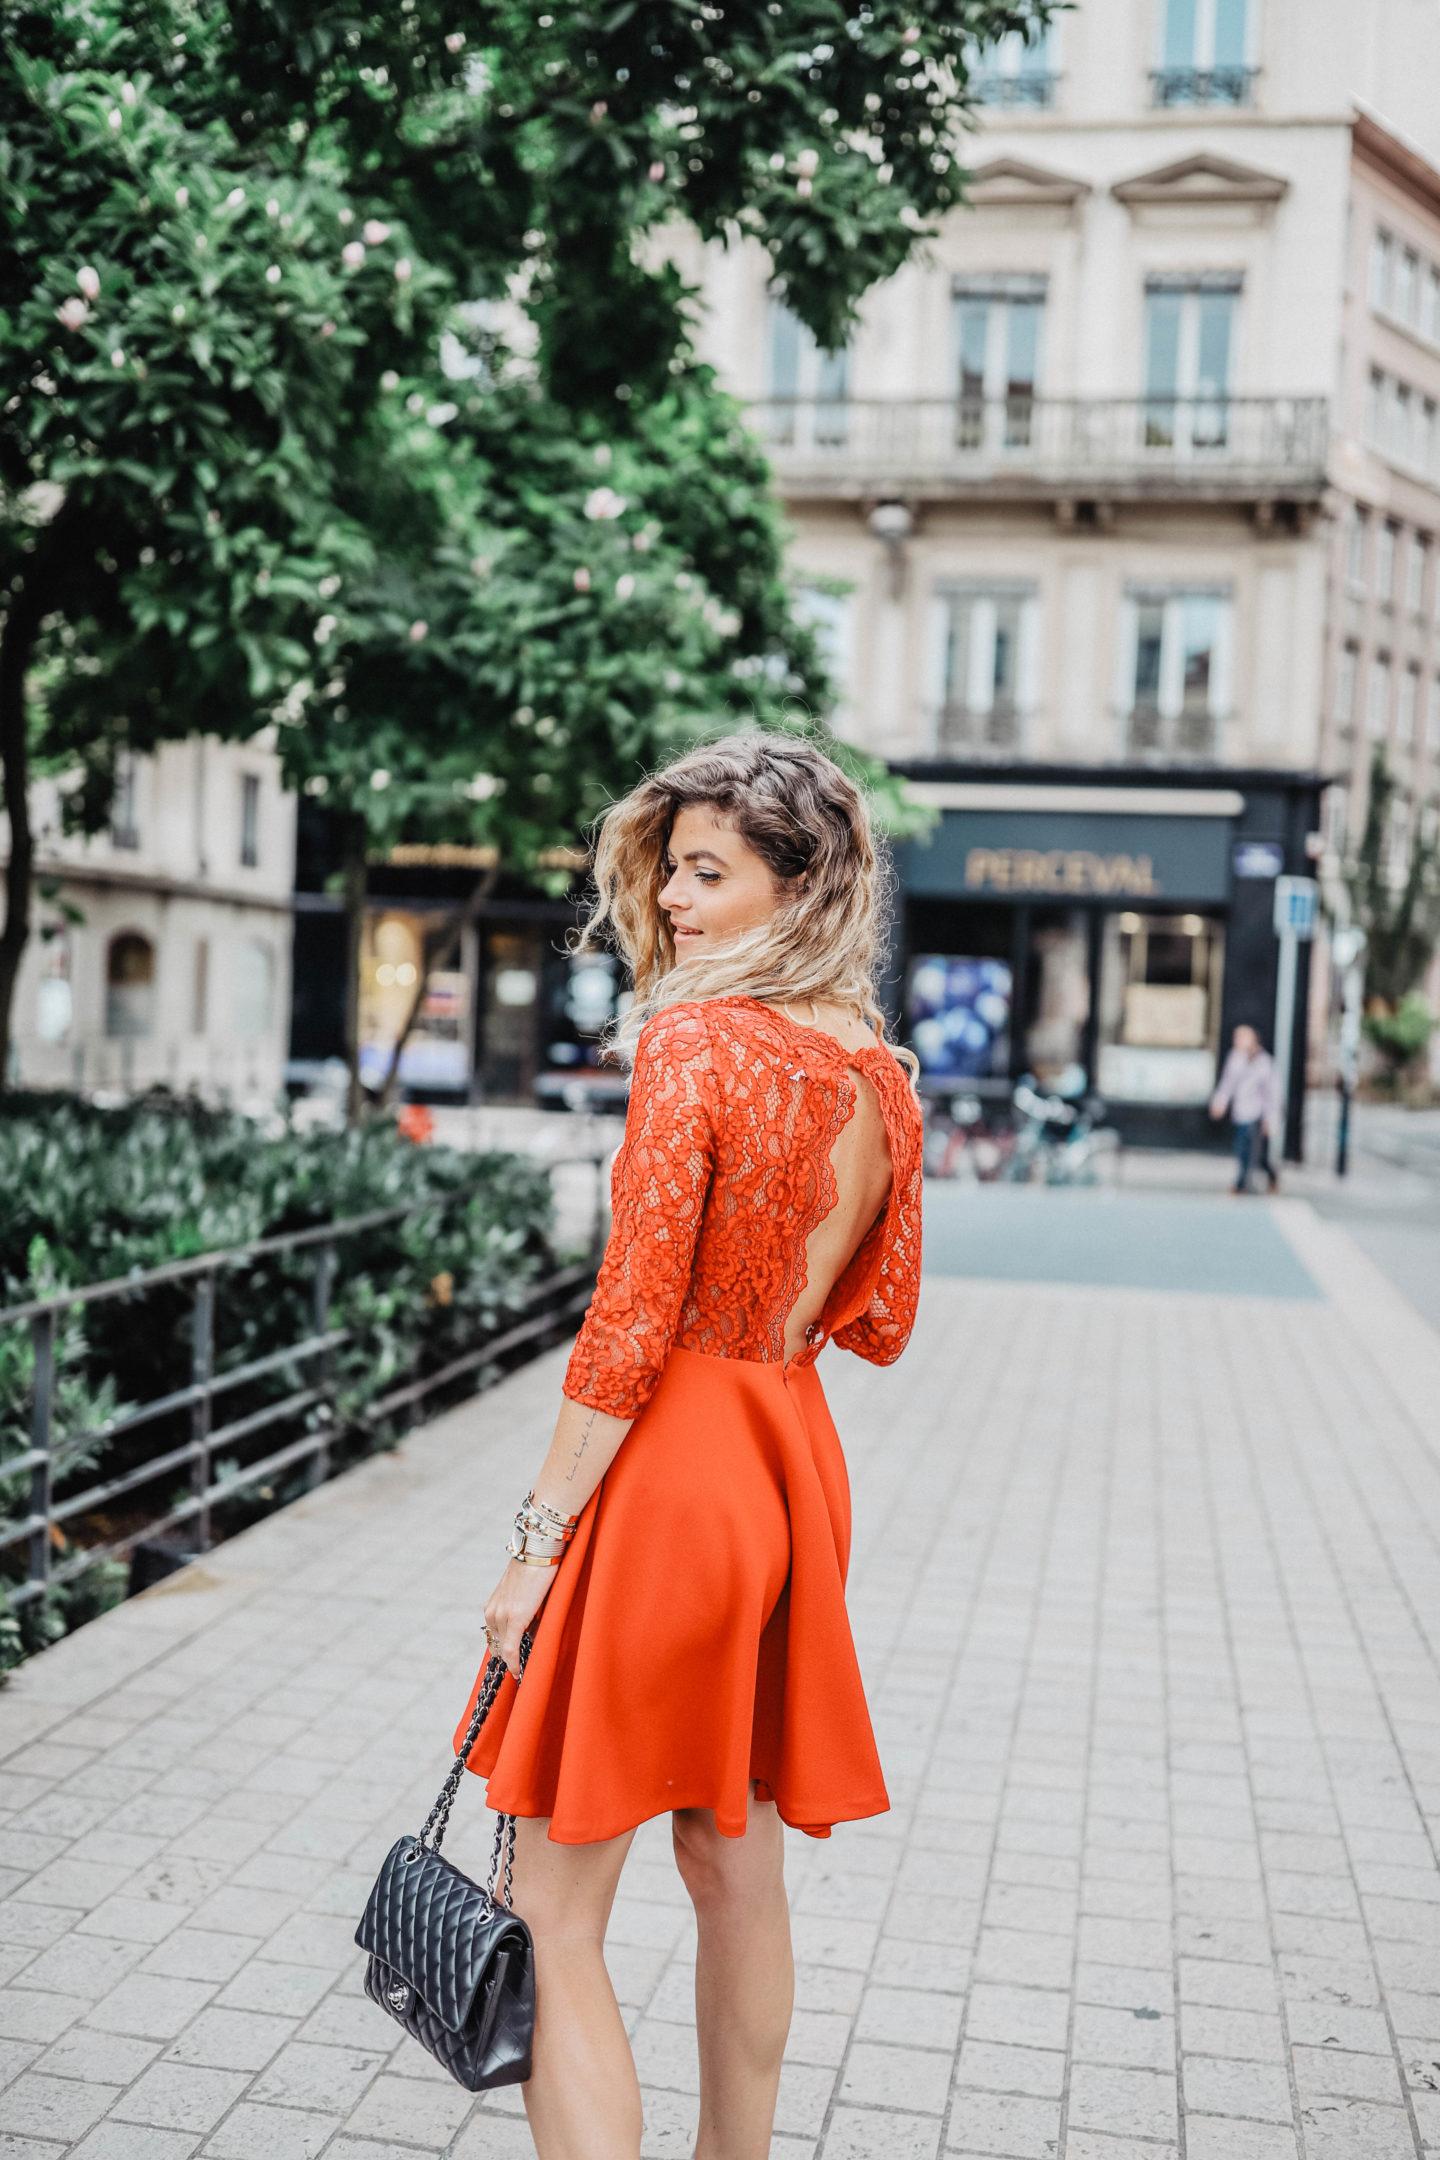 d029444b2de8 Robe rouge Claudie Pierlot - Marie and Mood - Blog mode et lifestyle